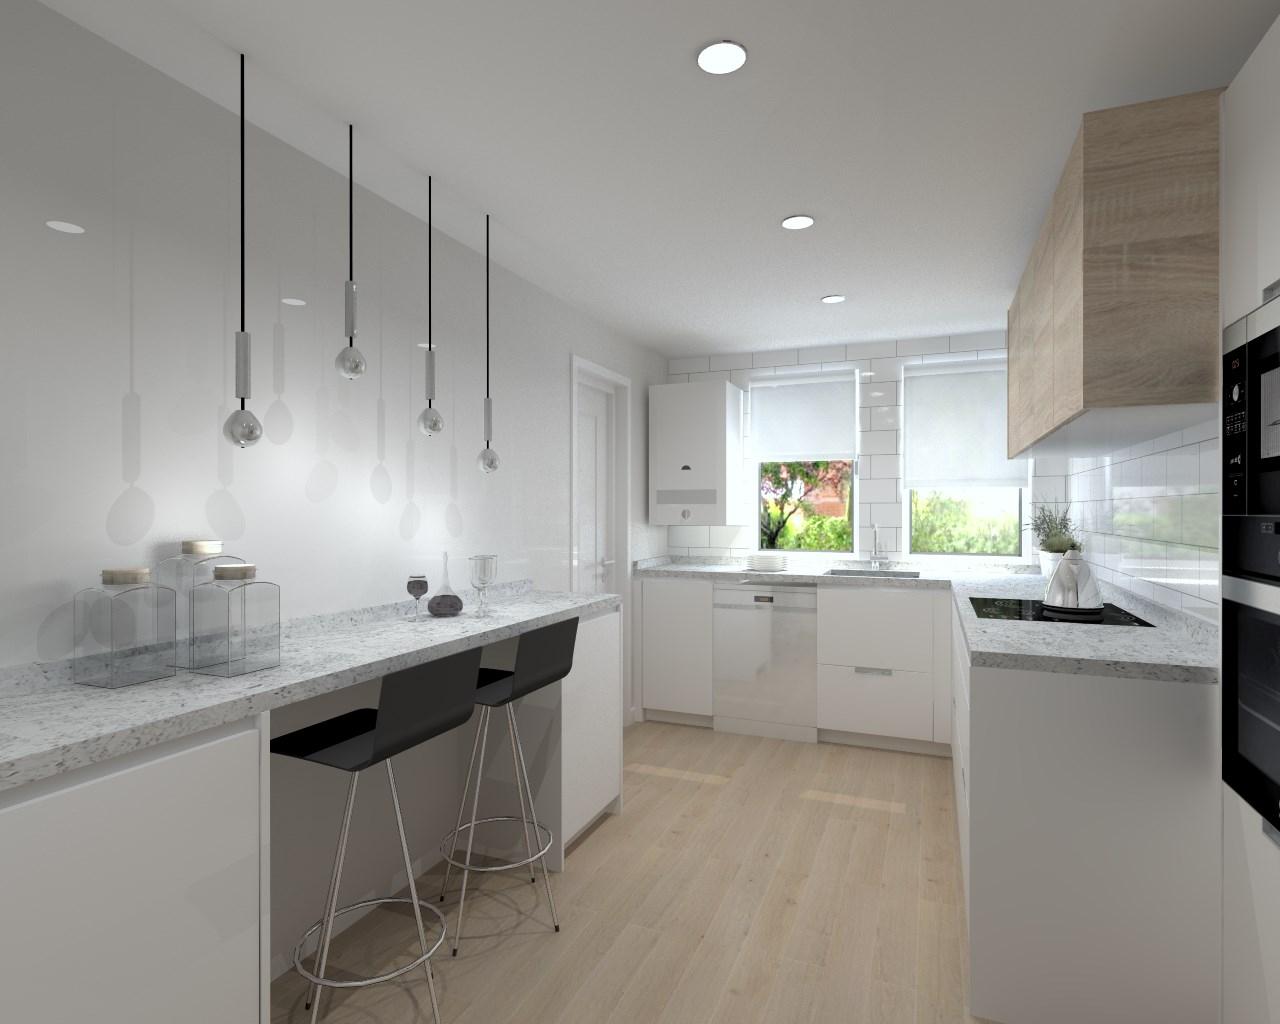 Proyectos de cocinas docrys cocinas - Sobre encimera cocina ...